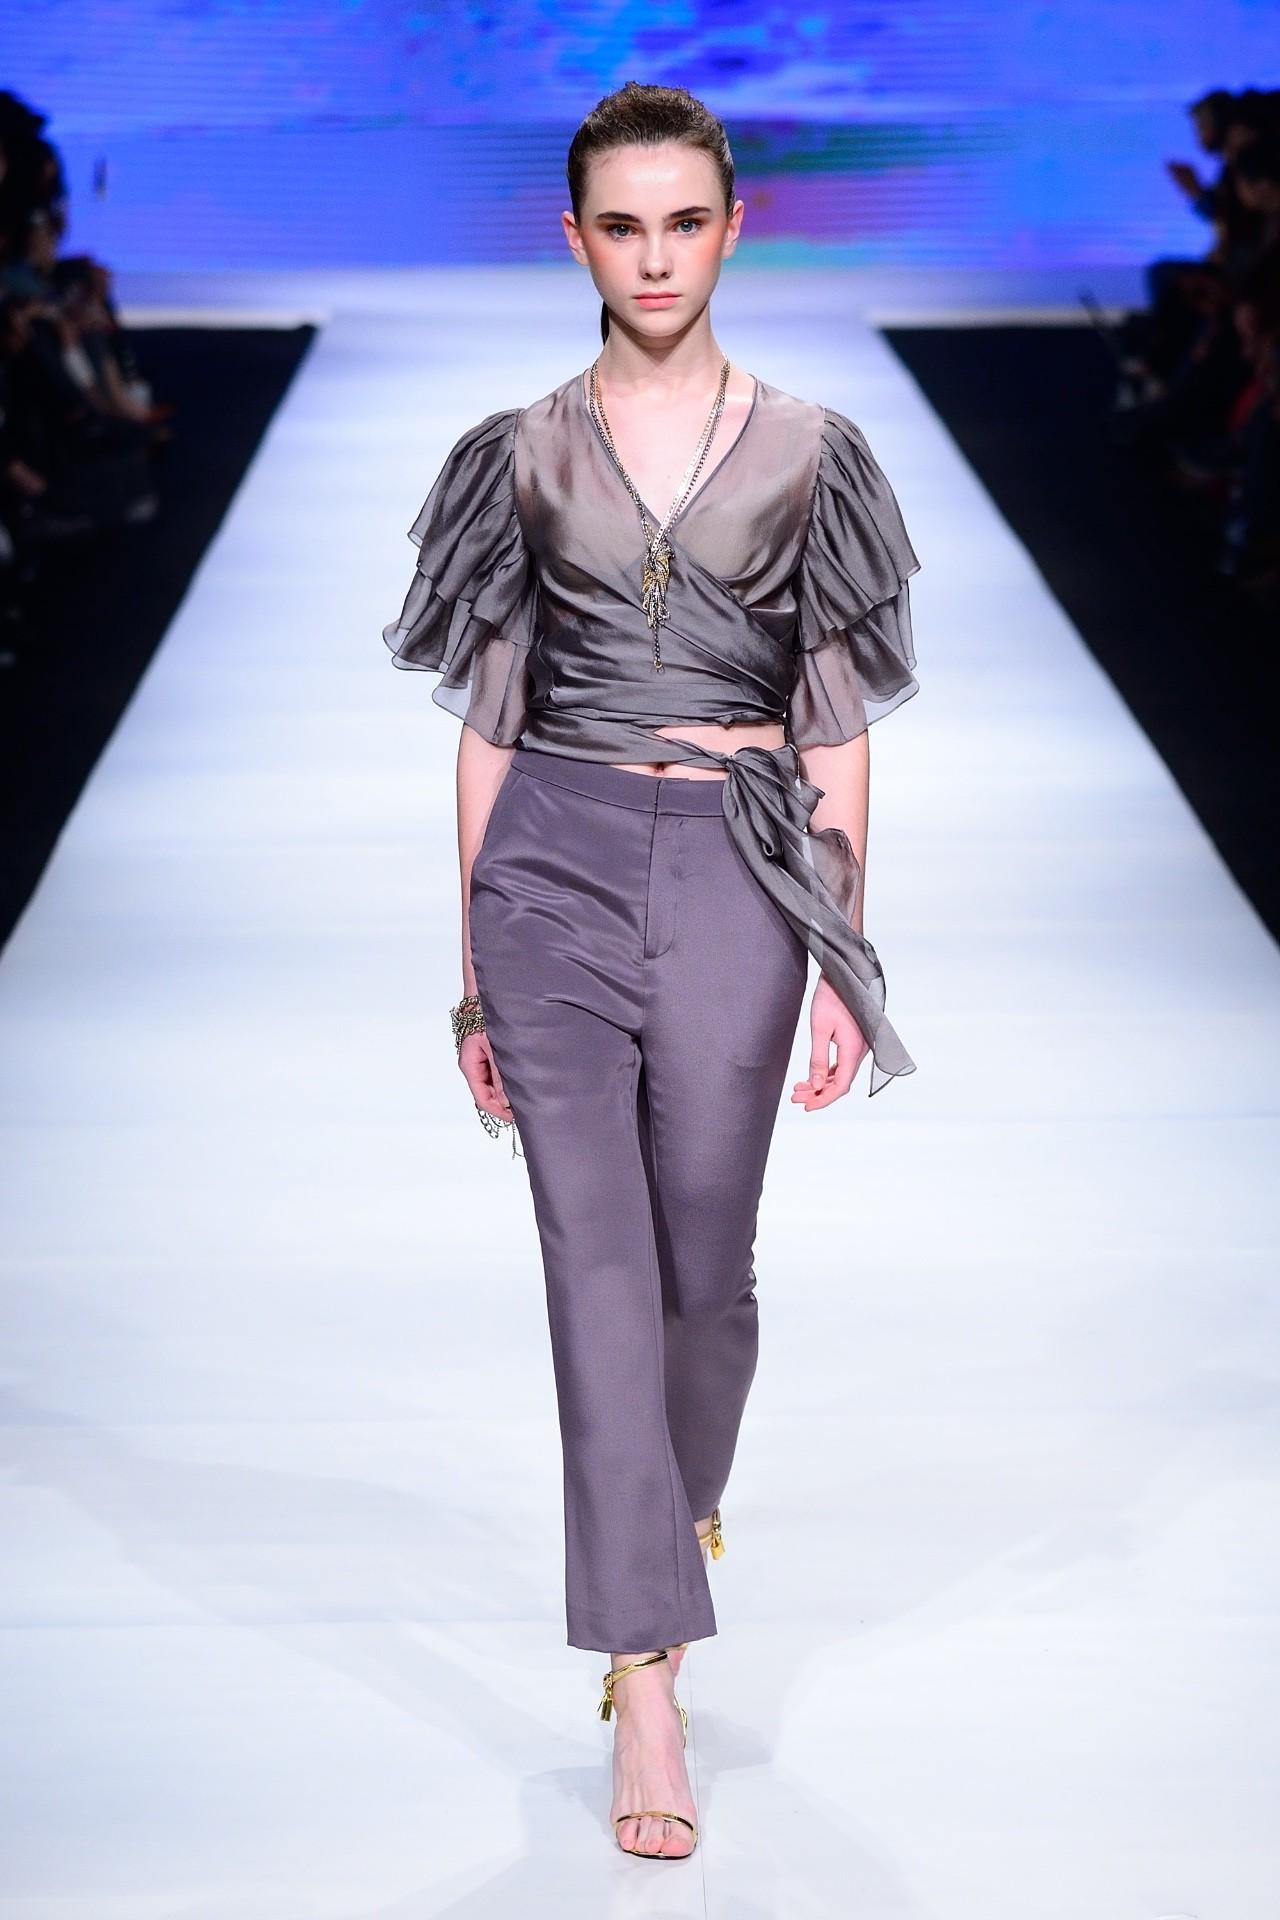 宝莱国际女装旗舰店_杭州国际时尚周上刚做完新品发布的法国女装品牌,在杭州开 ...